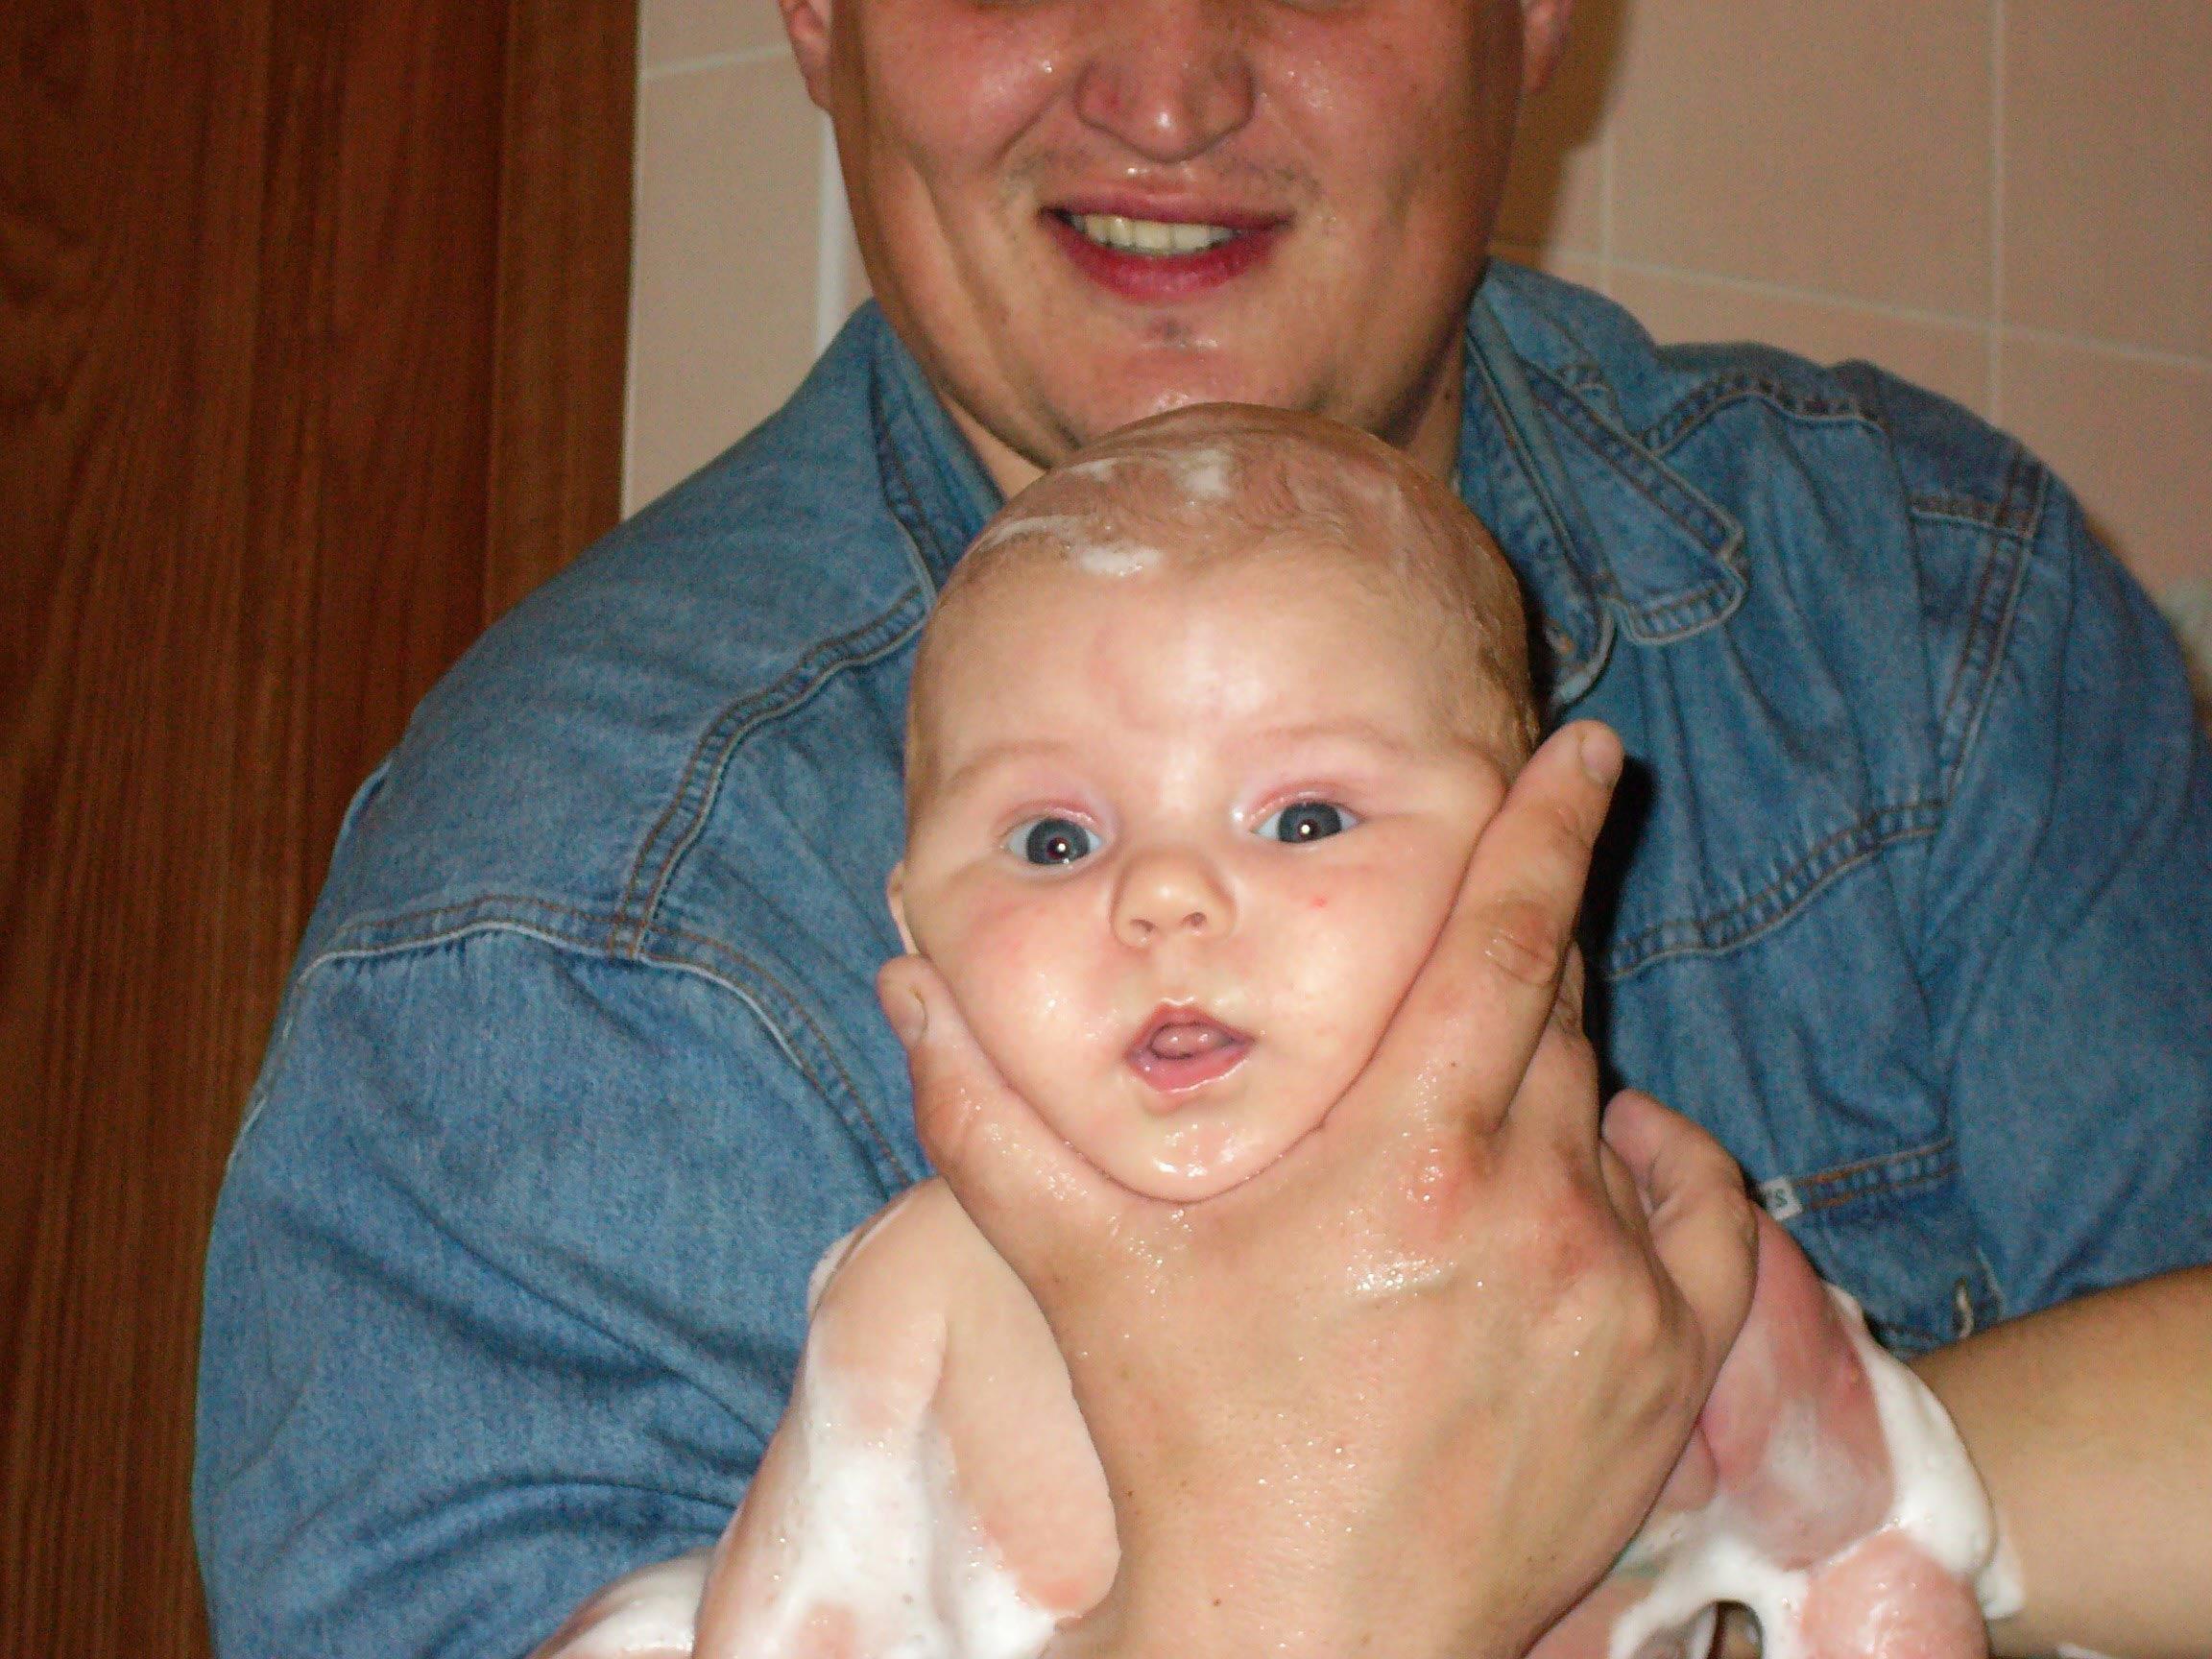 Какой я маленький, а папа большой. Веселое купание в нежной пенке